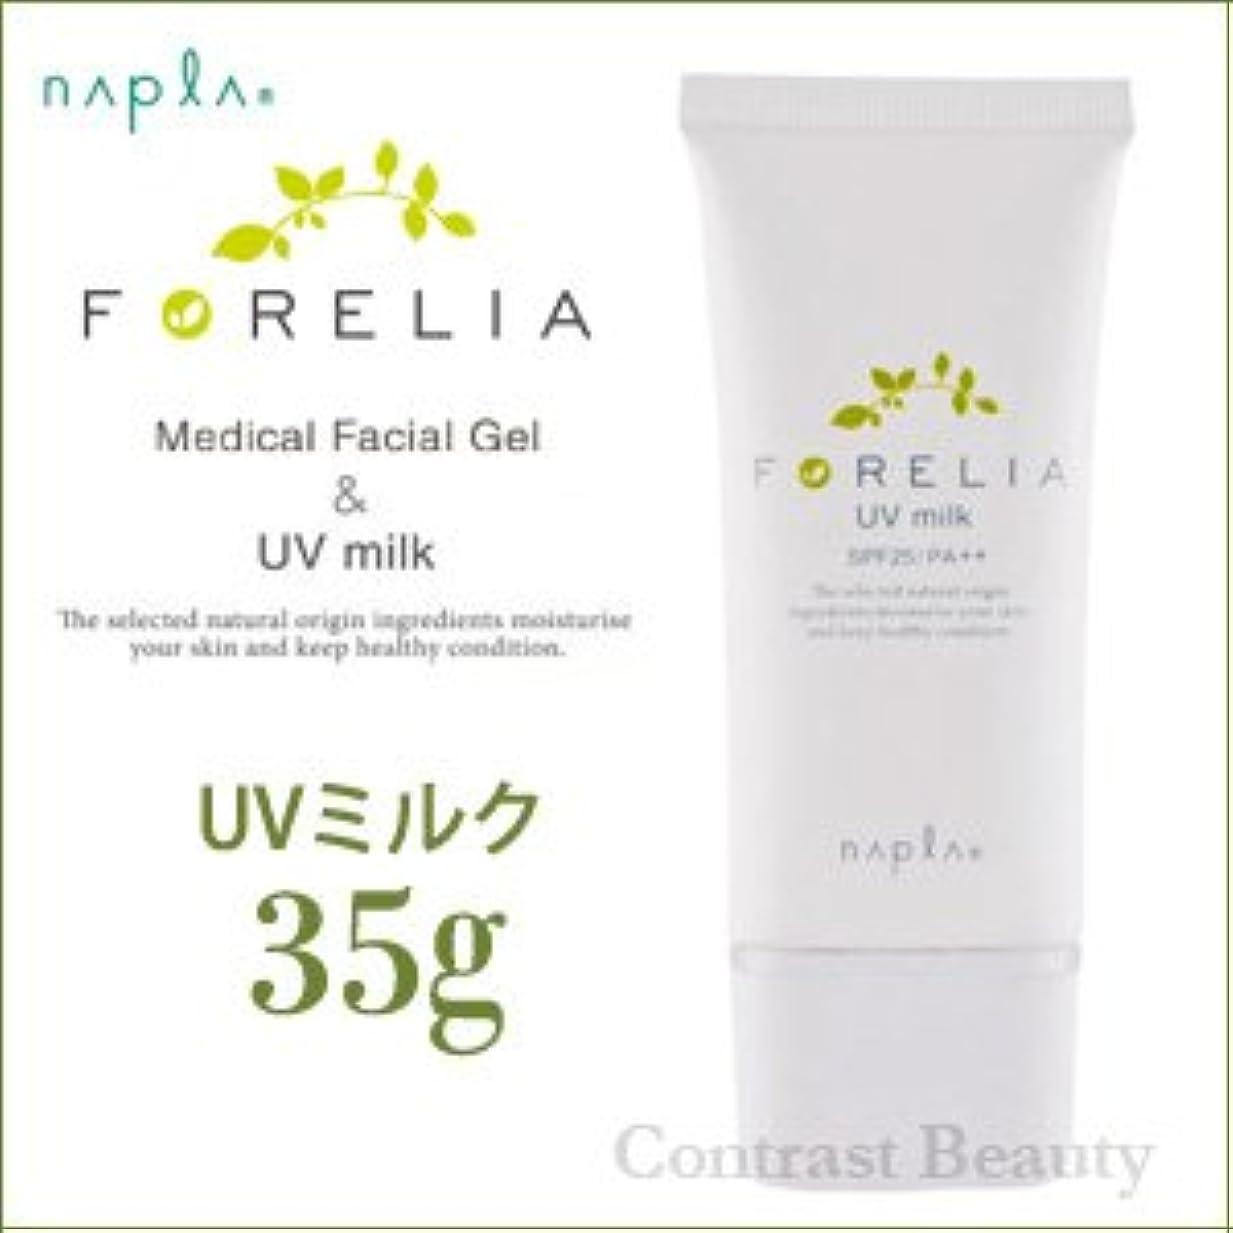 鎮痛剤スチール子猫【X2個セット】 ナプラ フォーレリア UVミルク